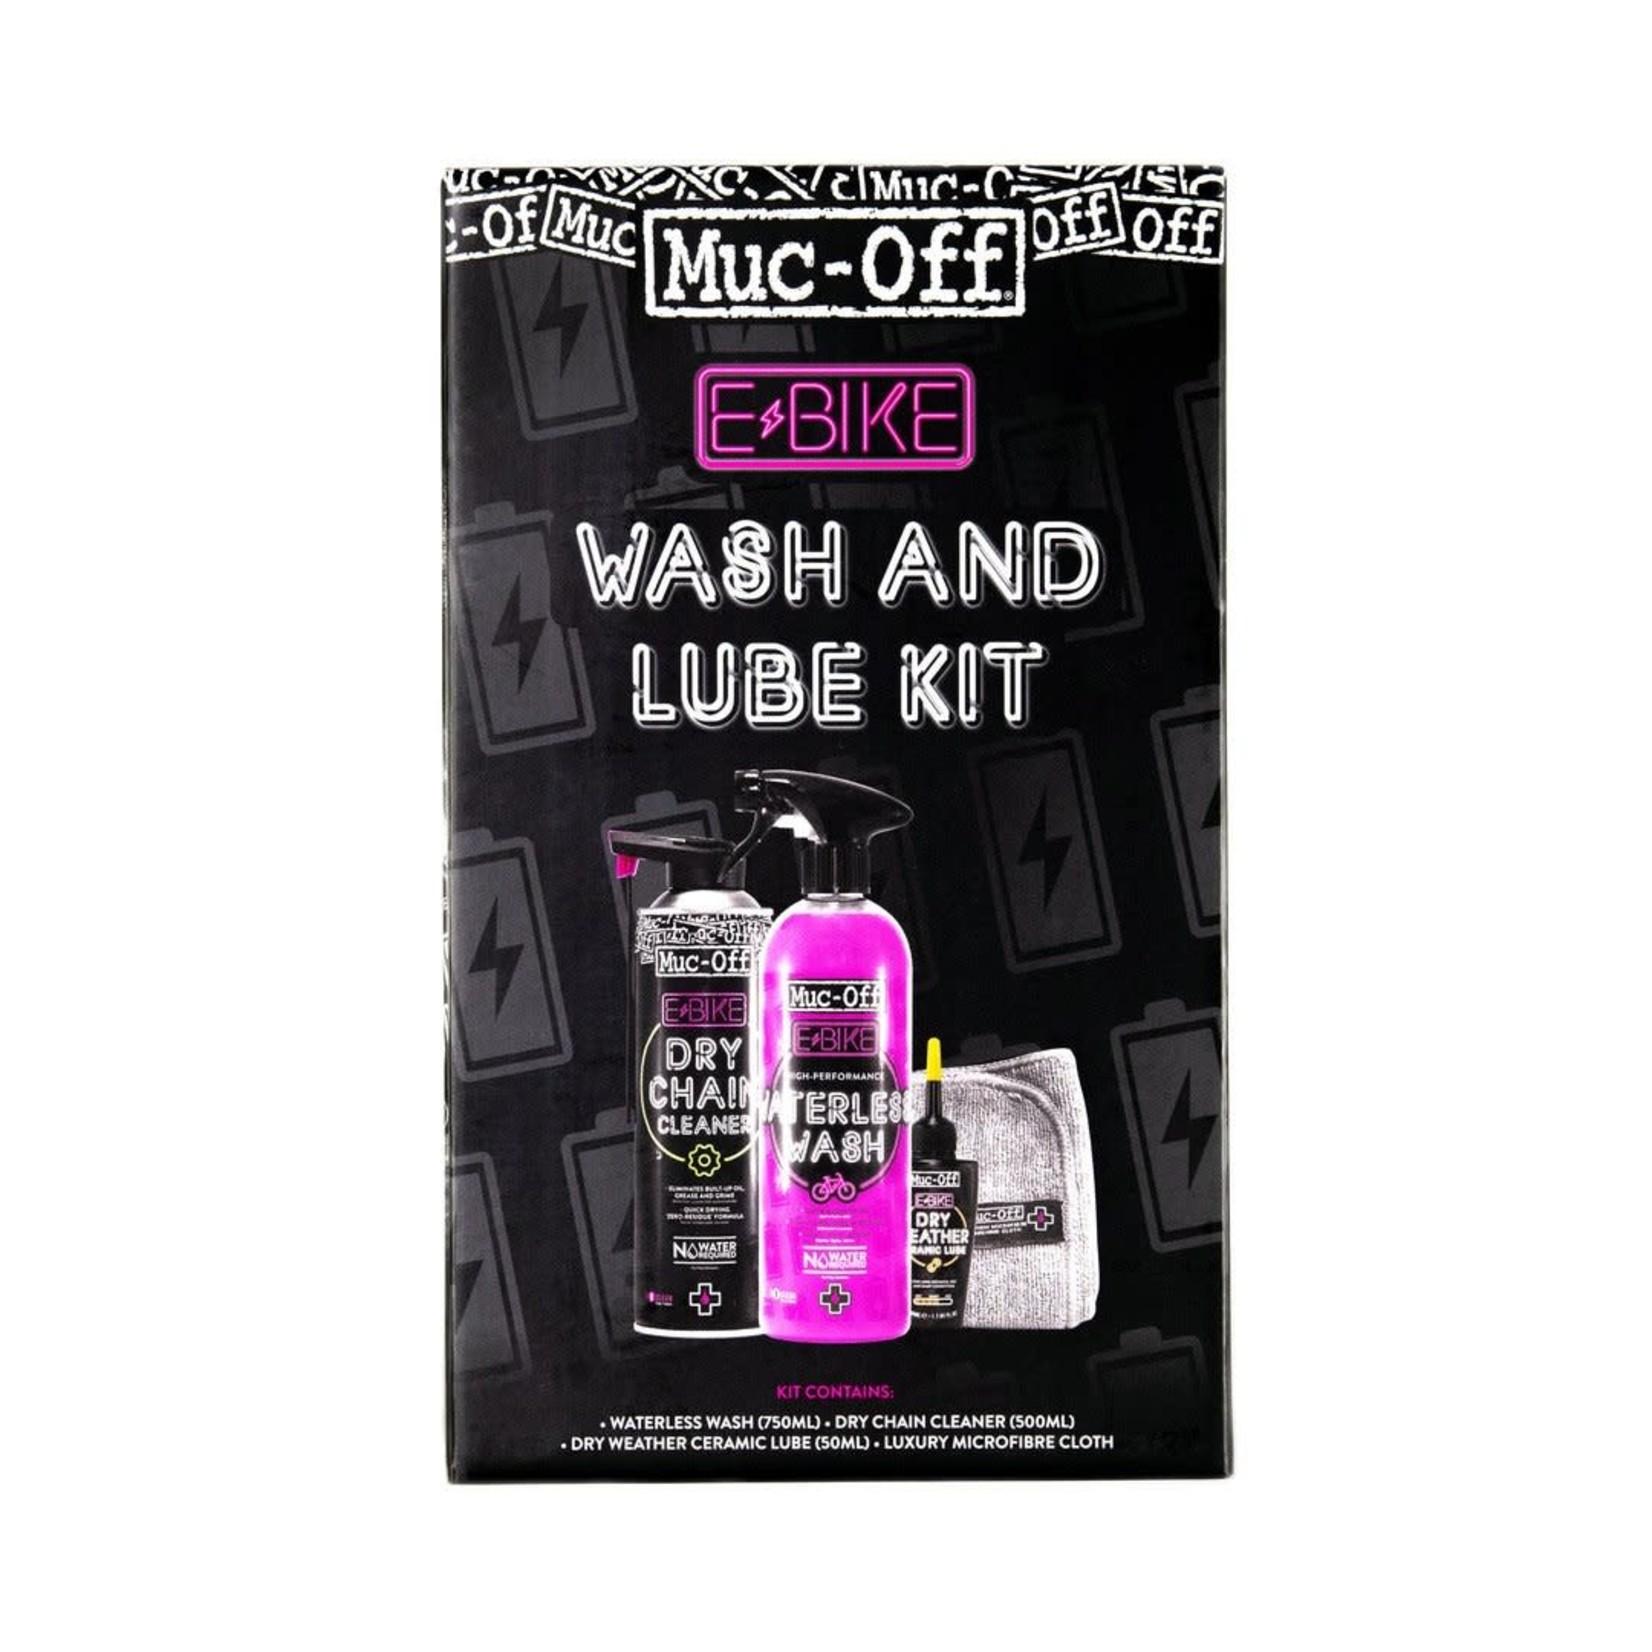 Muc-Off Muc-Off eBike Wash & Lube Kit